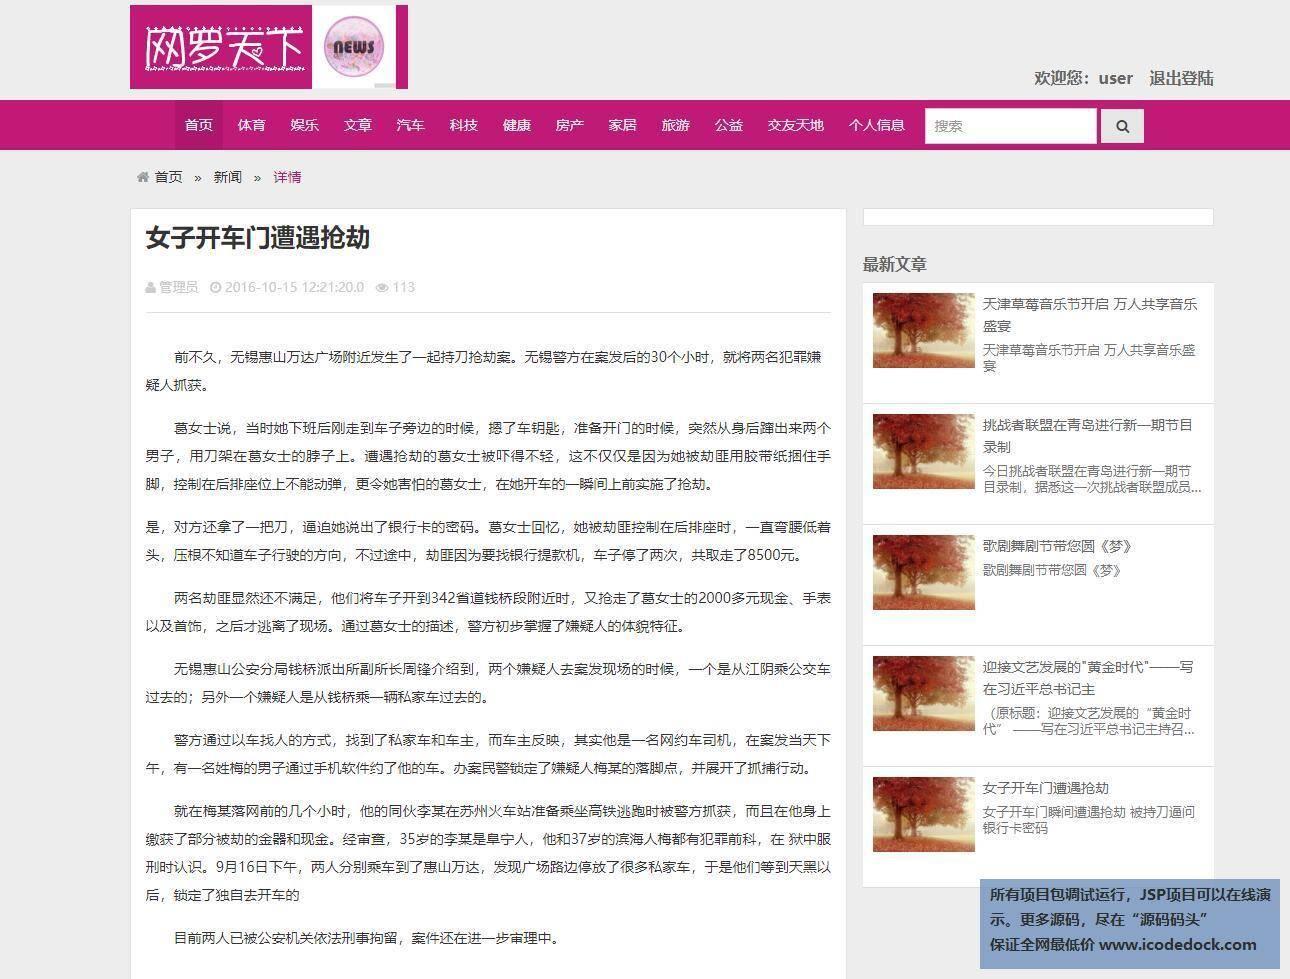 源码码头-SSH新闻资讯网站管理系统-用户角色-查看某一个新闻